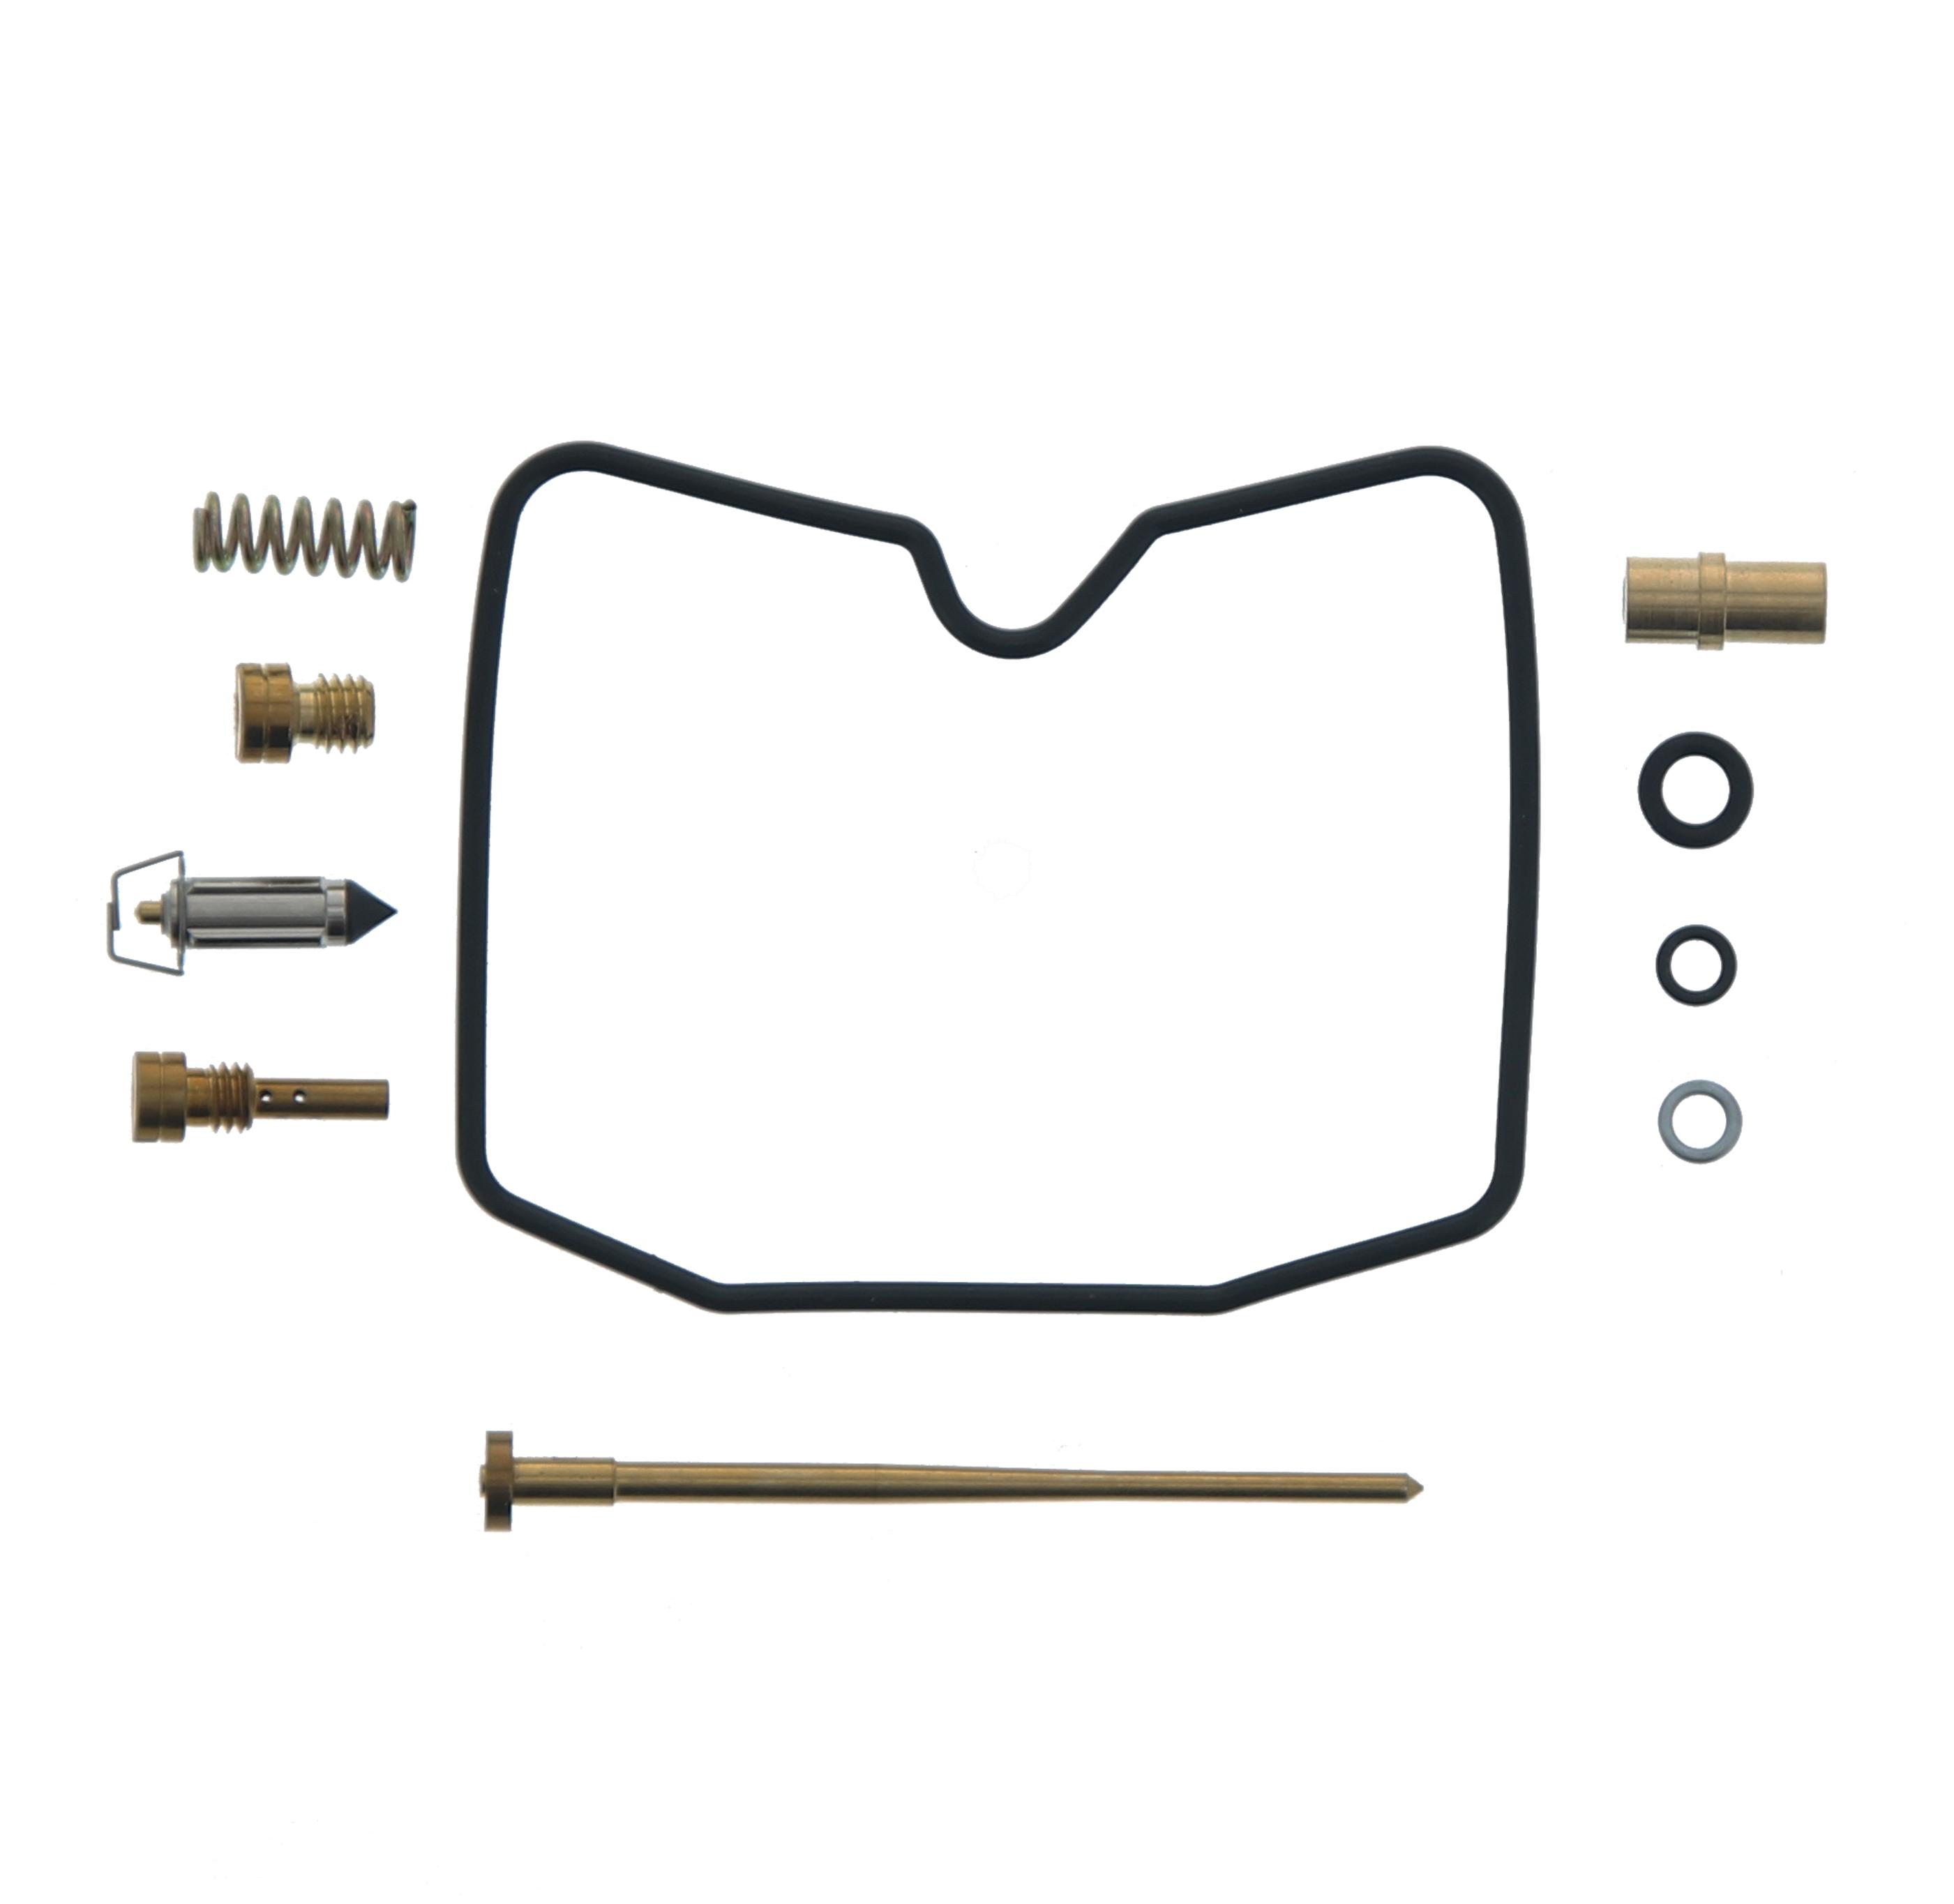 Carburetor Repair Kit Carb Kit for Kawasaki Mojave KSF250